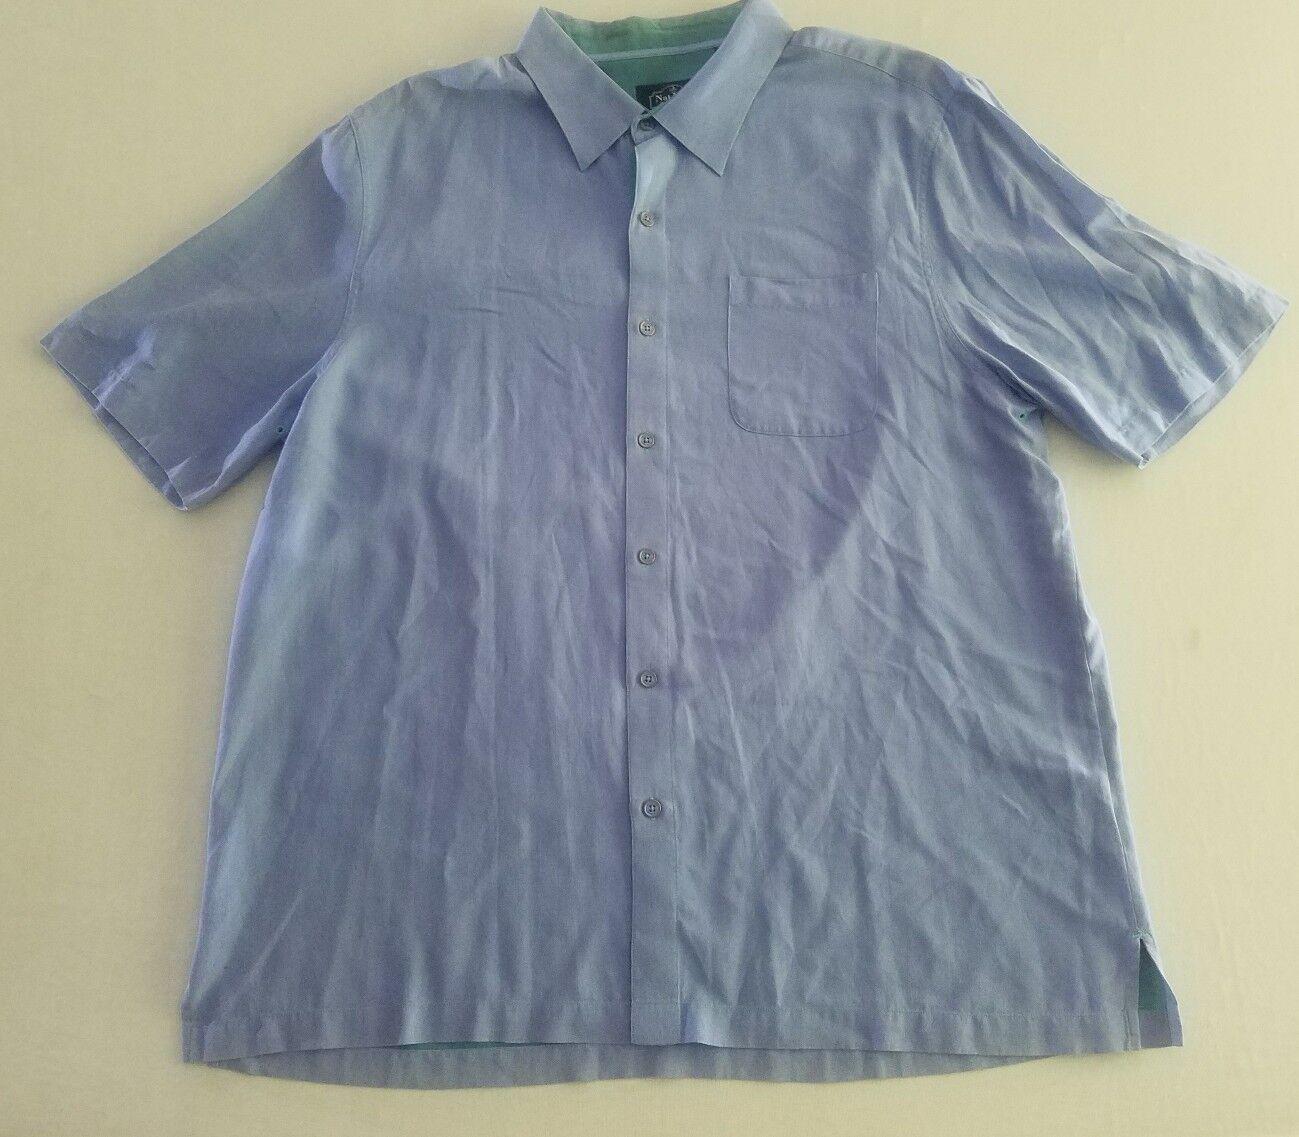 Nat Nast Luxury Men's XL Cotton Linen Silk Blend Camp Shirt bluee Short Sleeve YW